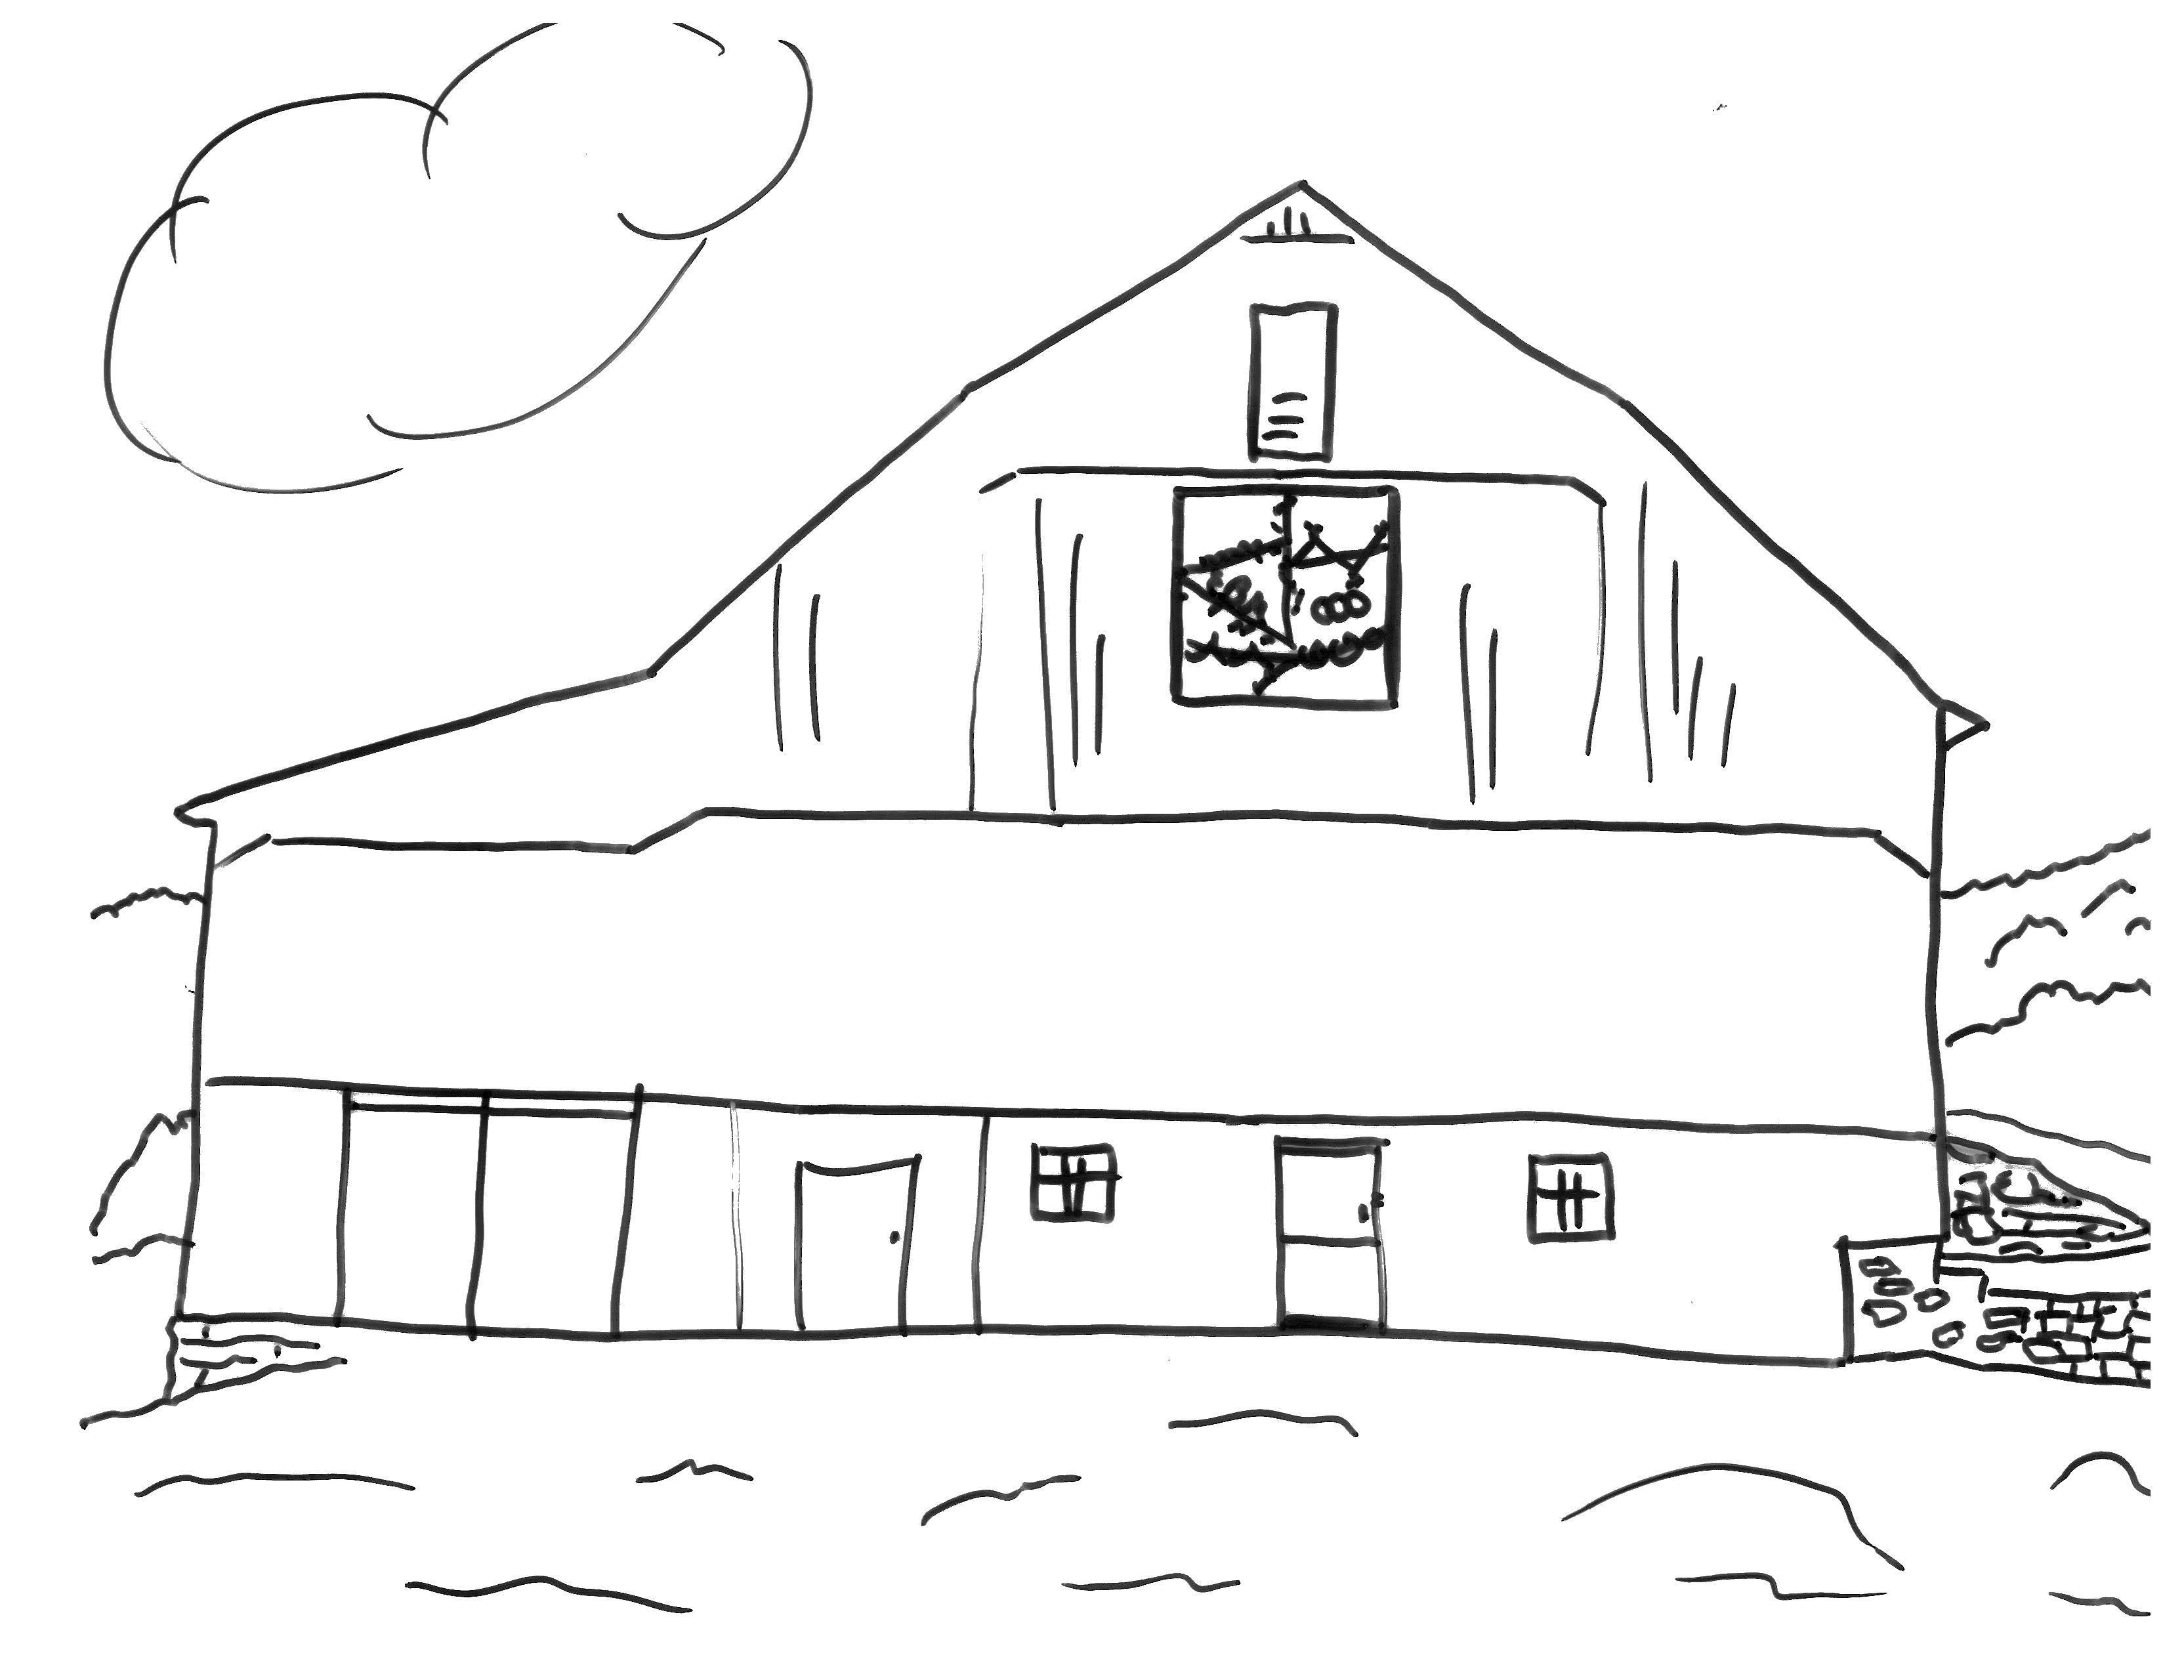 Раскраска Двух этажный дом Скачать ферма, дом.  Распечатать ,ферма,